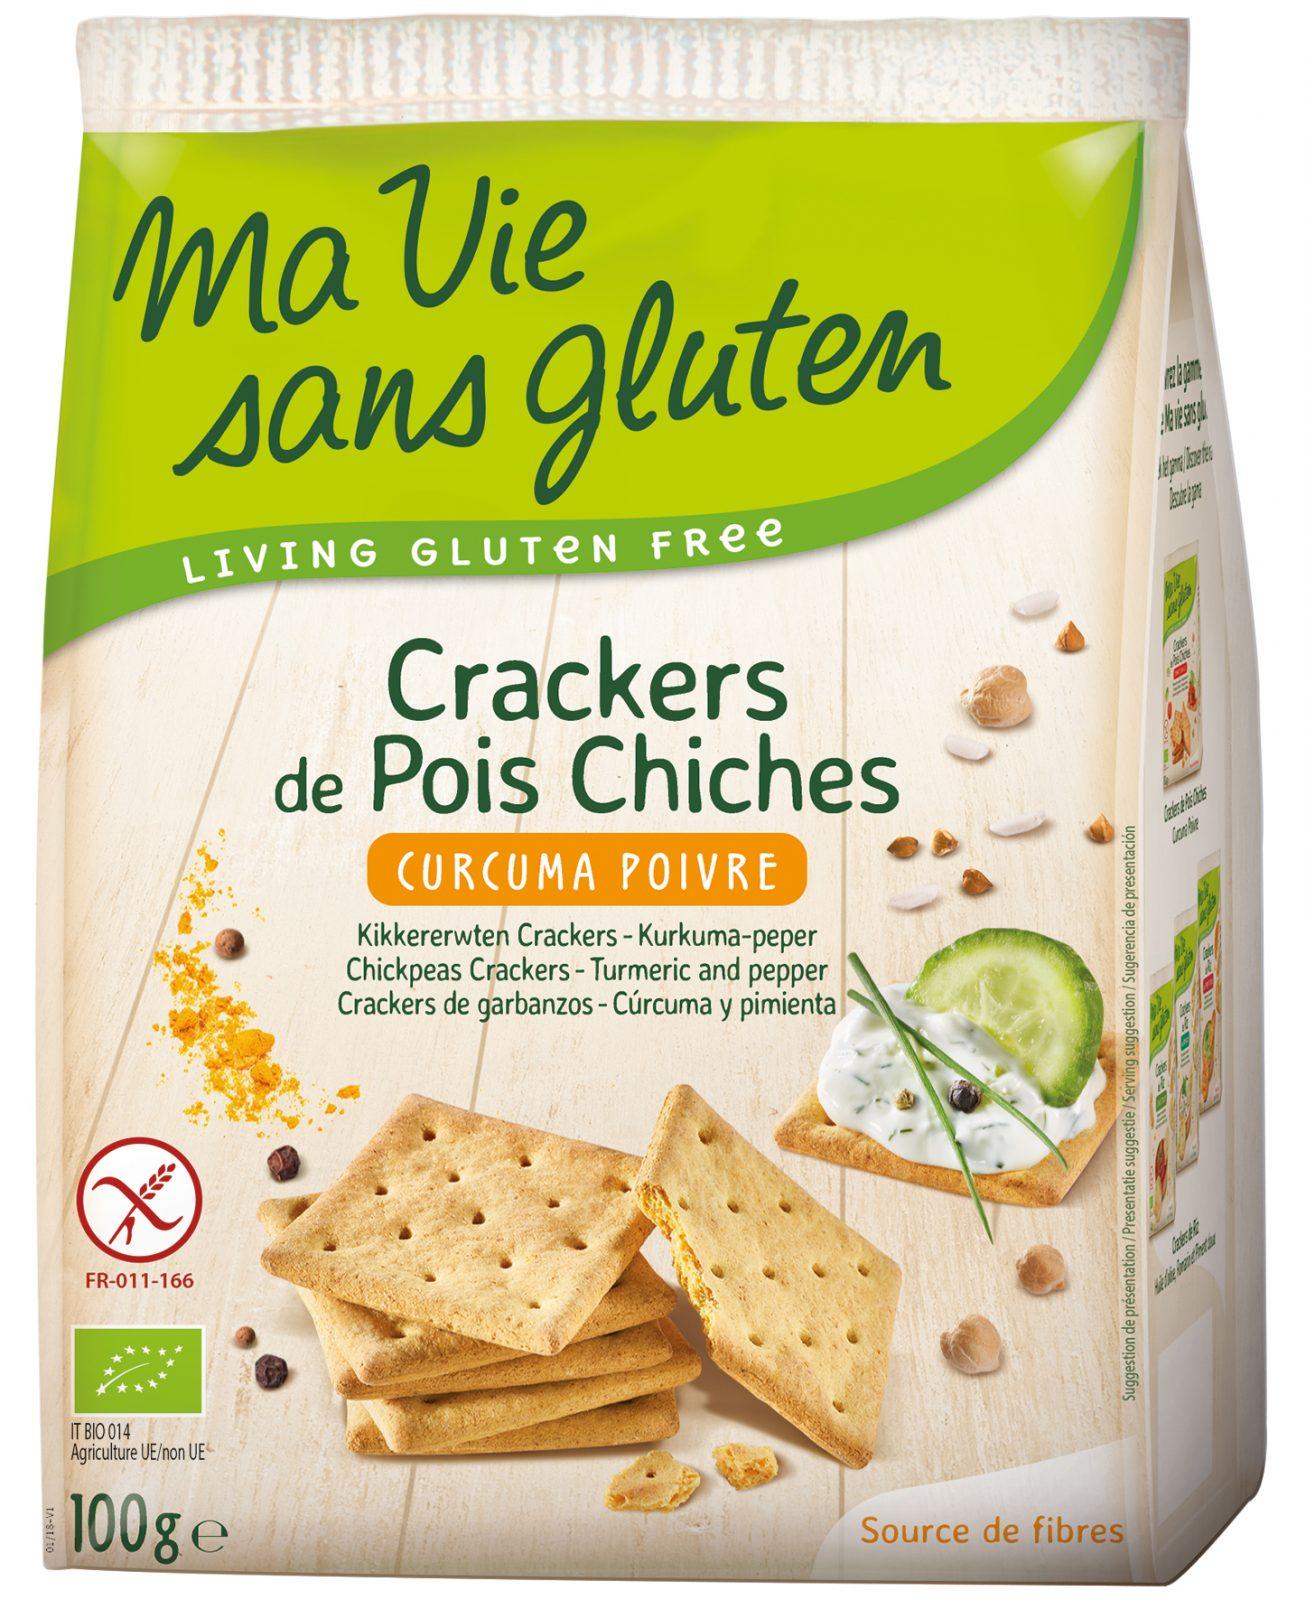 Crackers de pois chiche curcuma  poivre